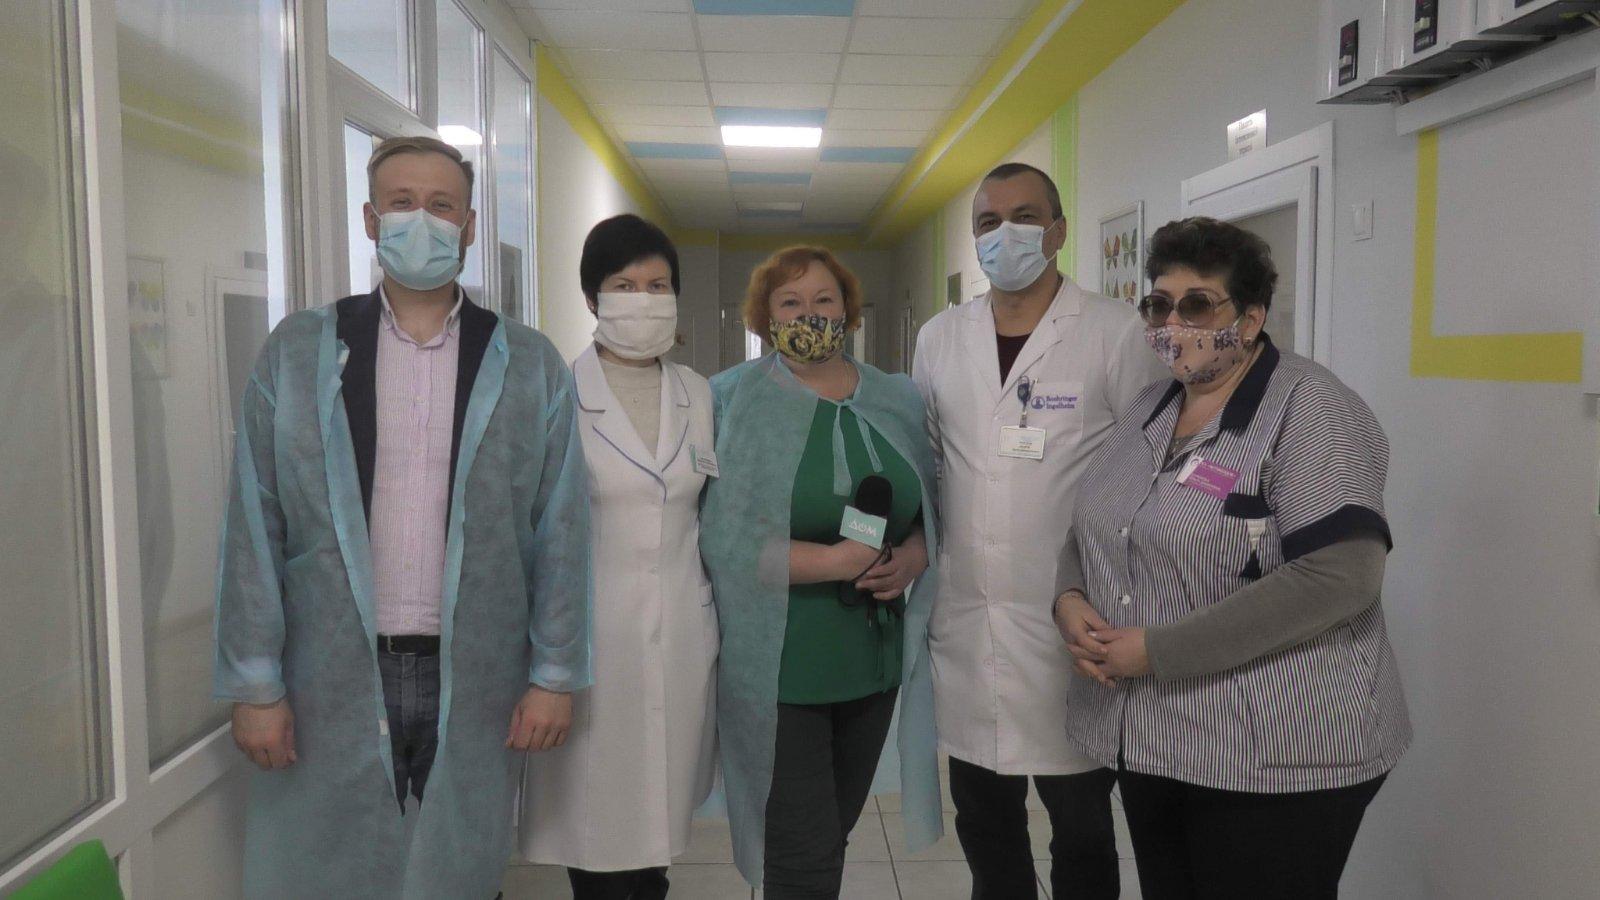 Транскутанний білірубінометр для недоношених малюків із медзакладу «Здоров'я дитини та жінки», м. Маріуполь